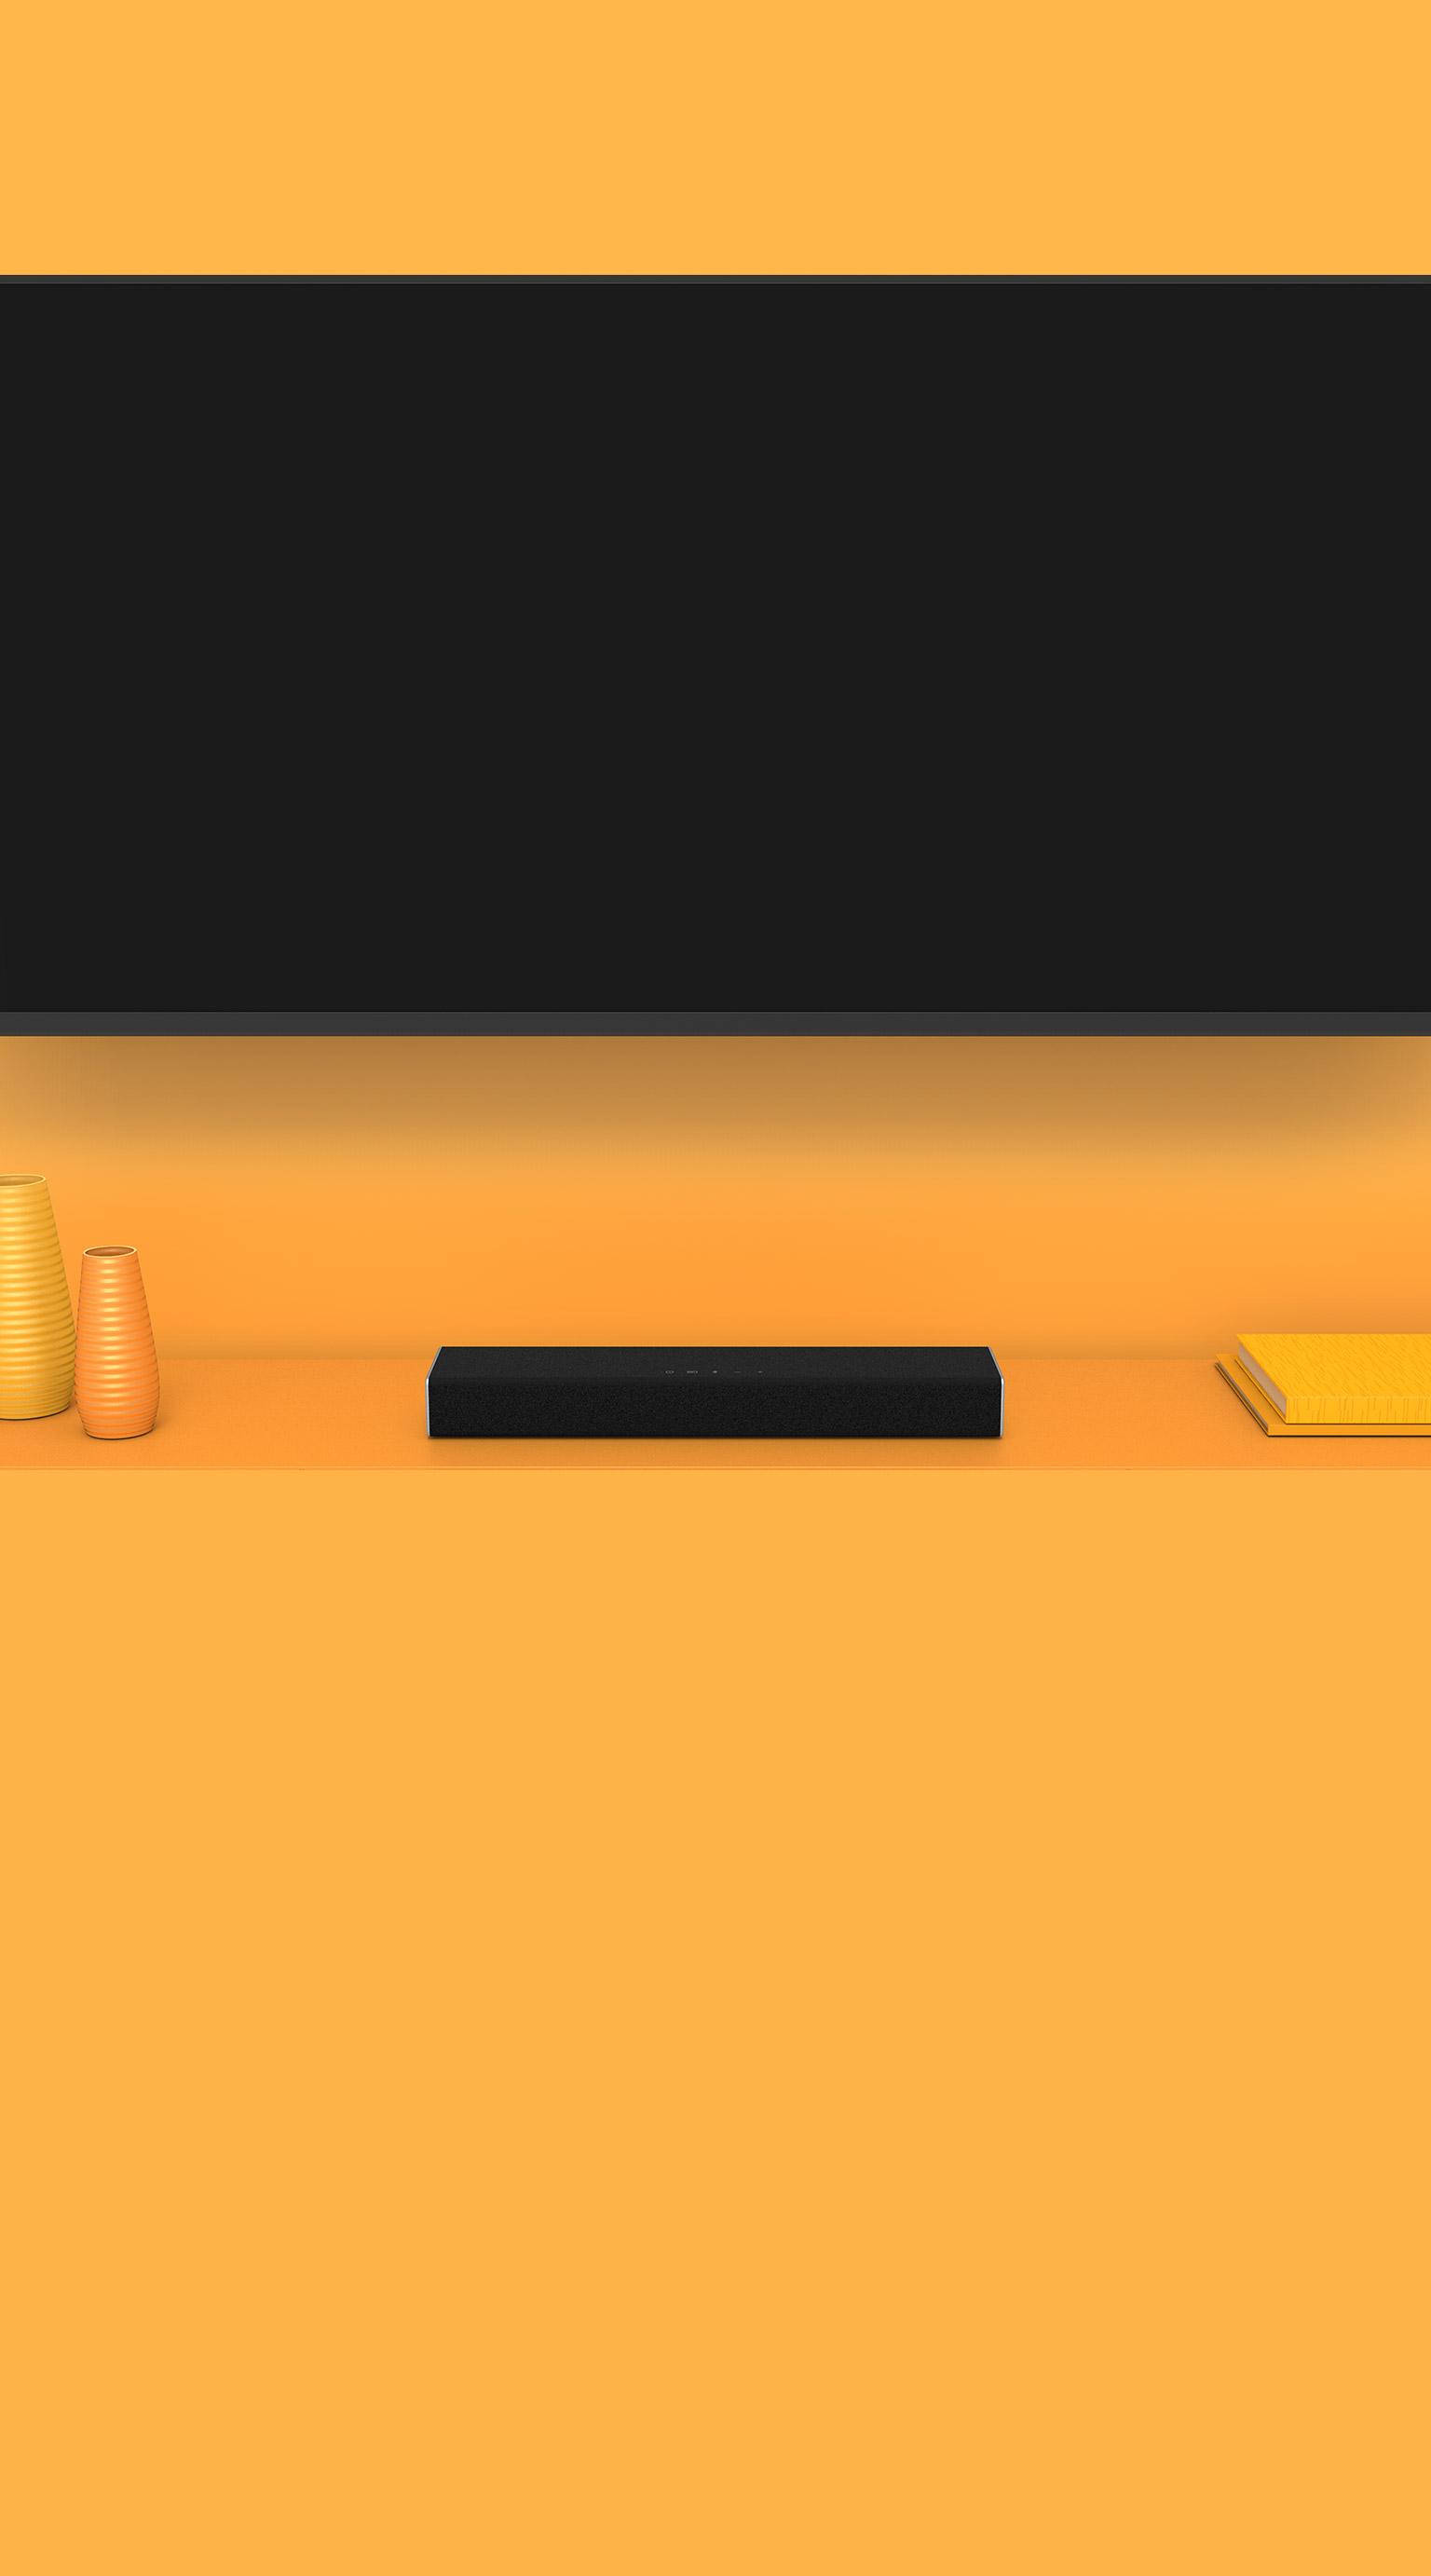 Best Sound Bars 2020 VIZIO 20